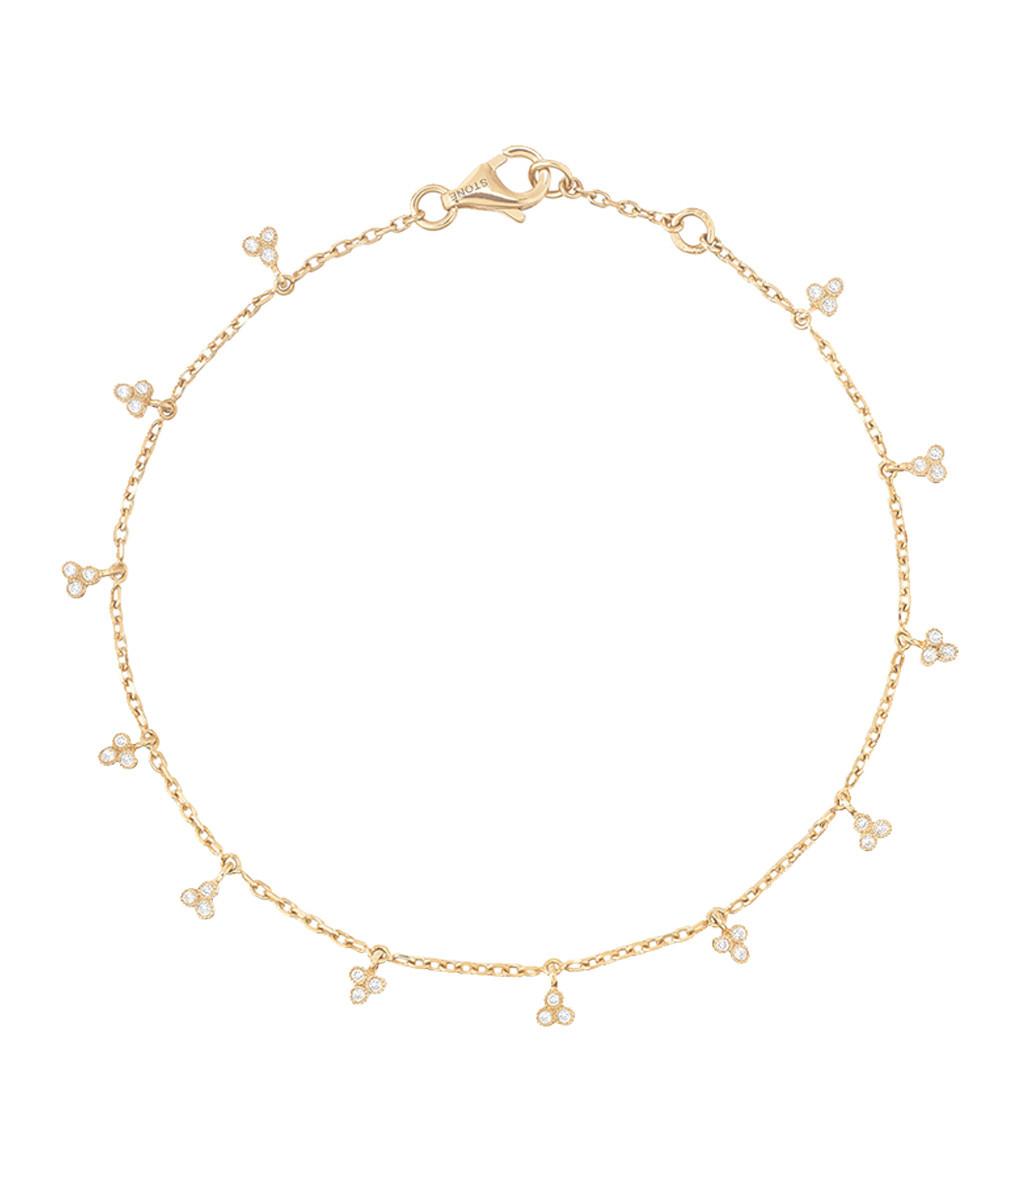 STONE PARIS - Bracelet Volupté Or Diamants